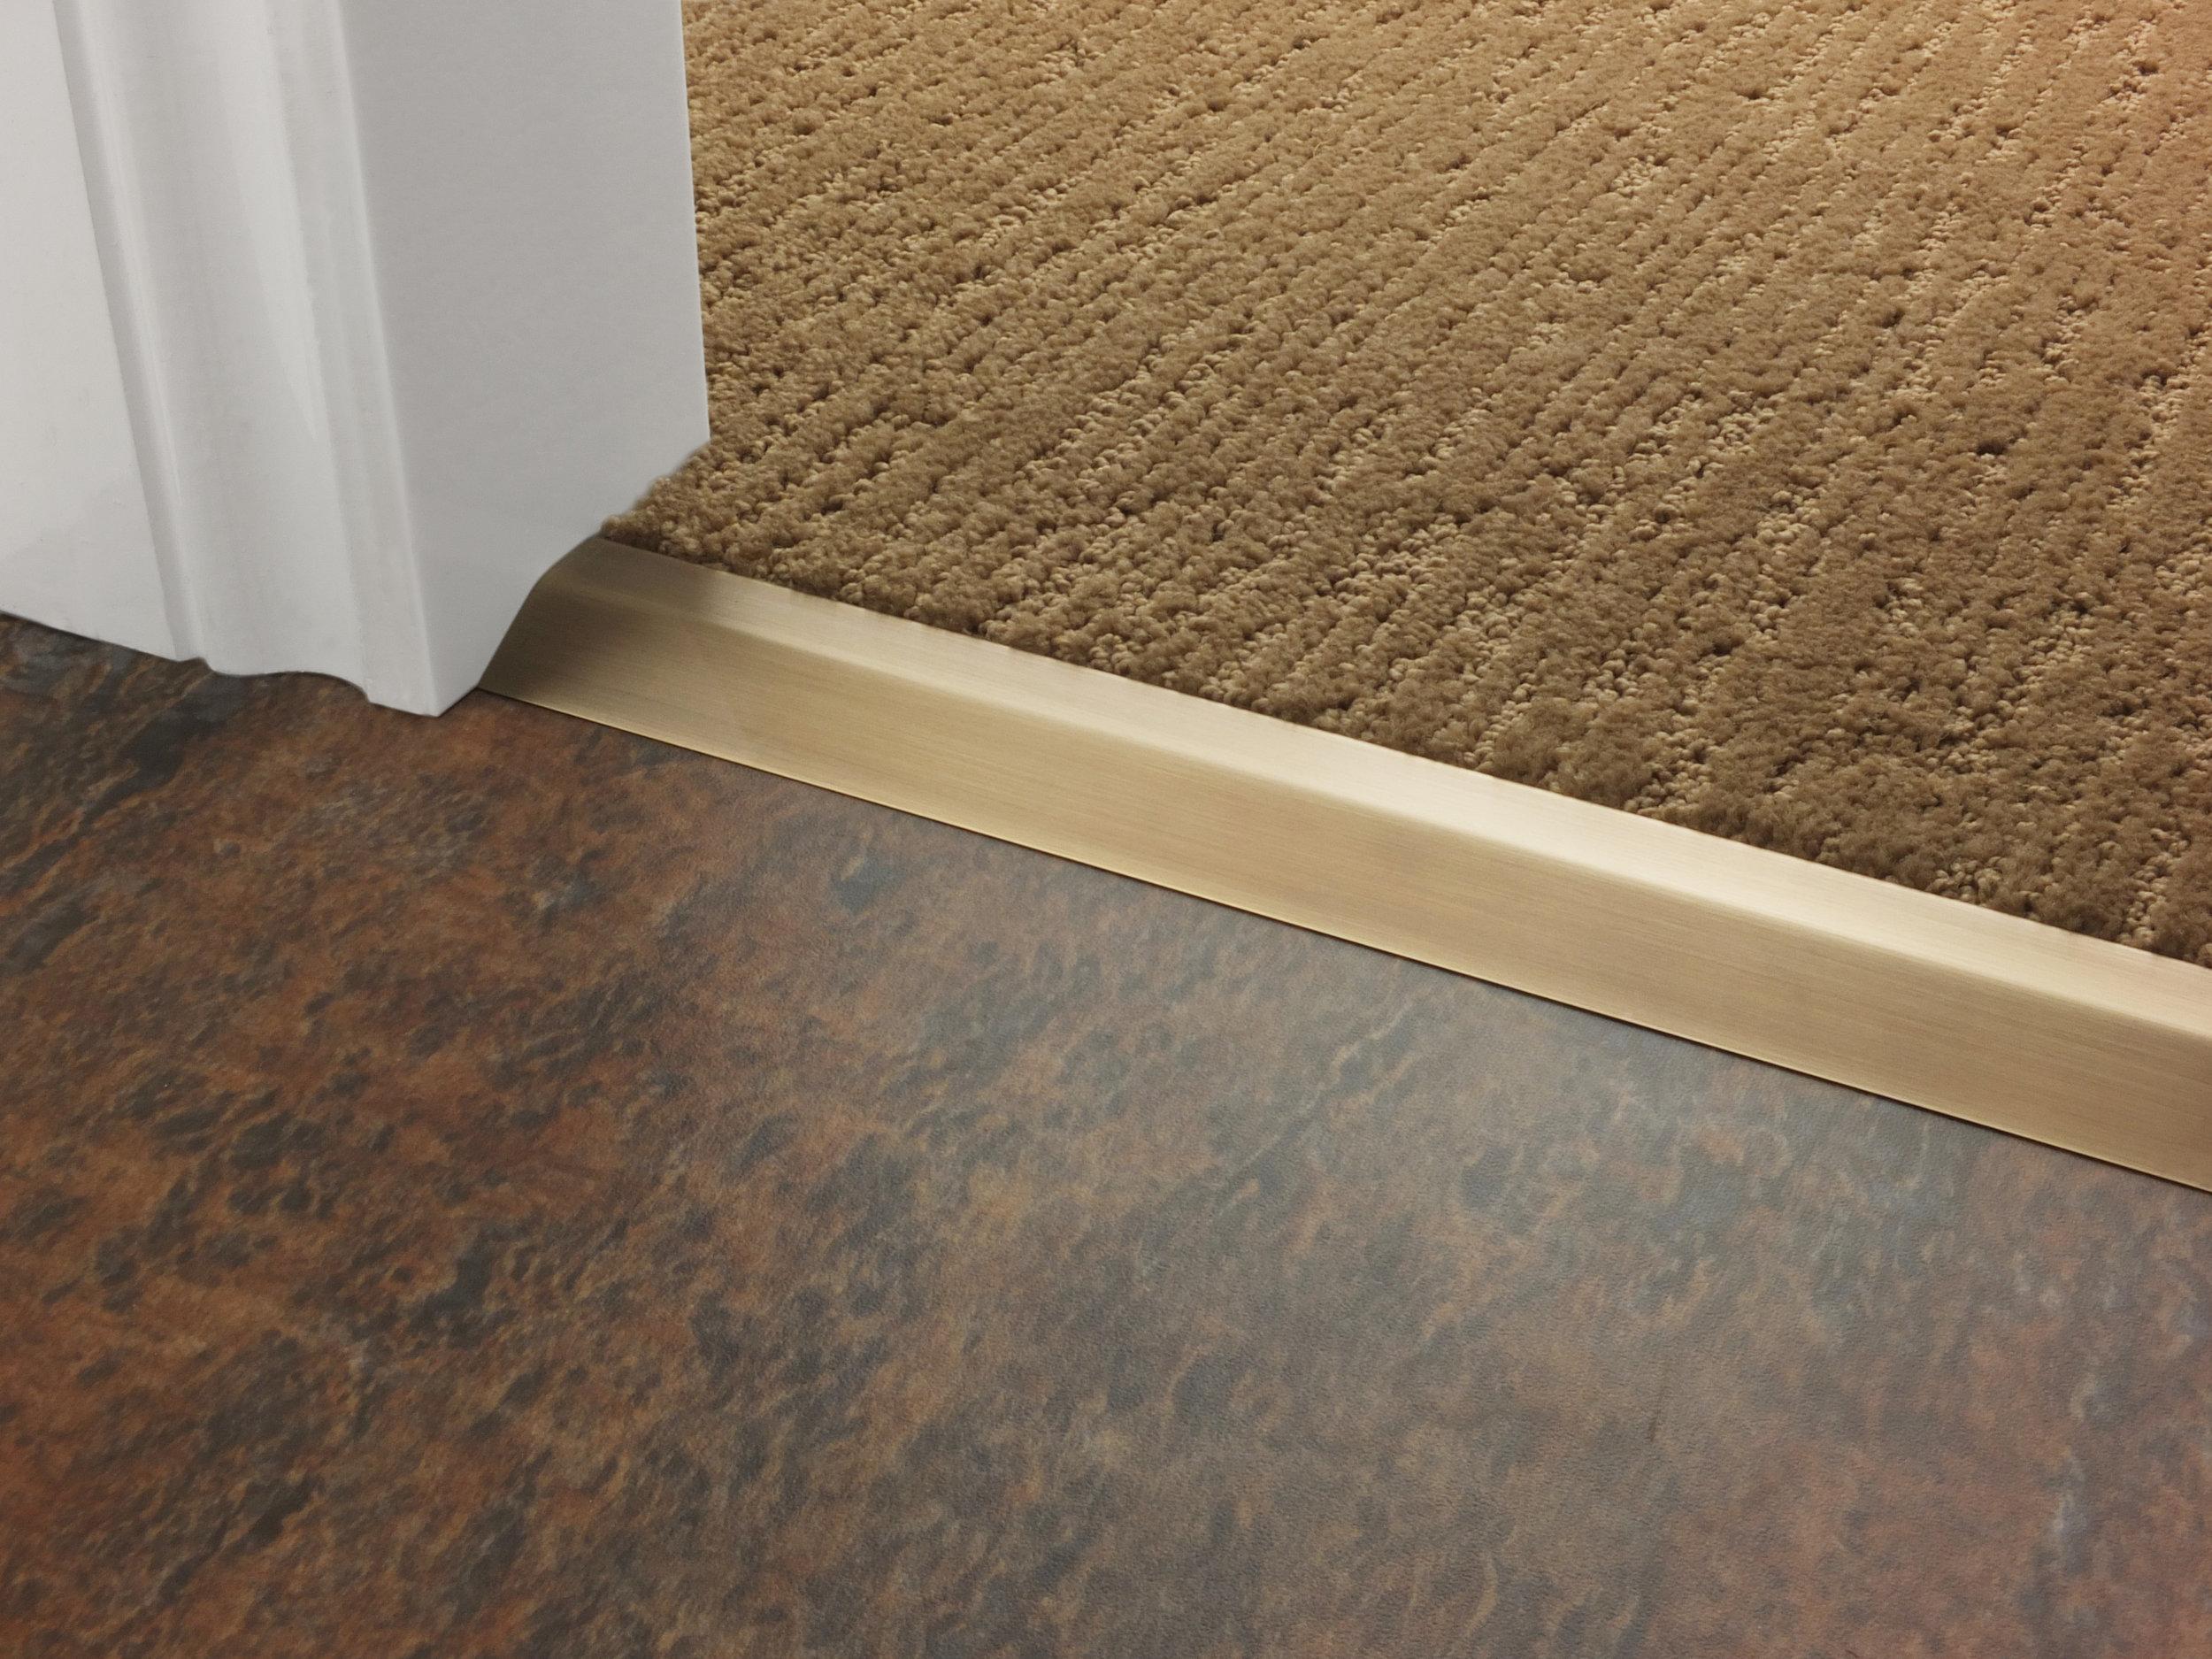 stairrods-doorbar-antique-brass-compression-ramp-8mm-LHF.jpg